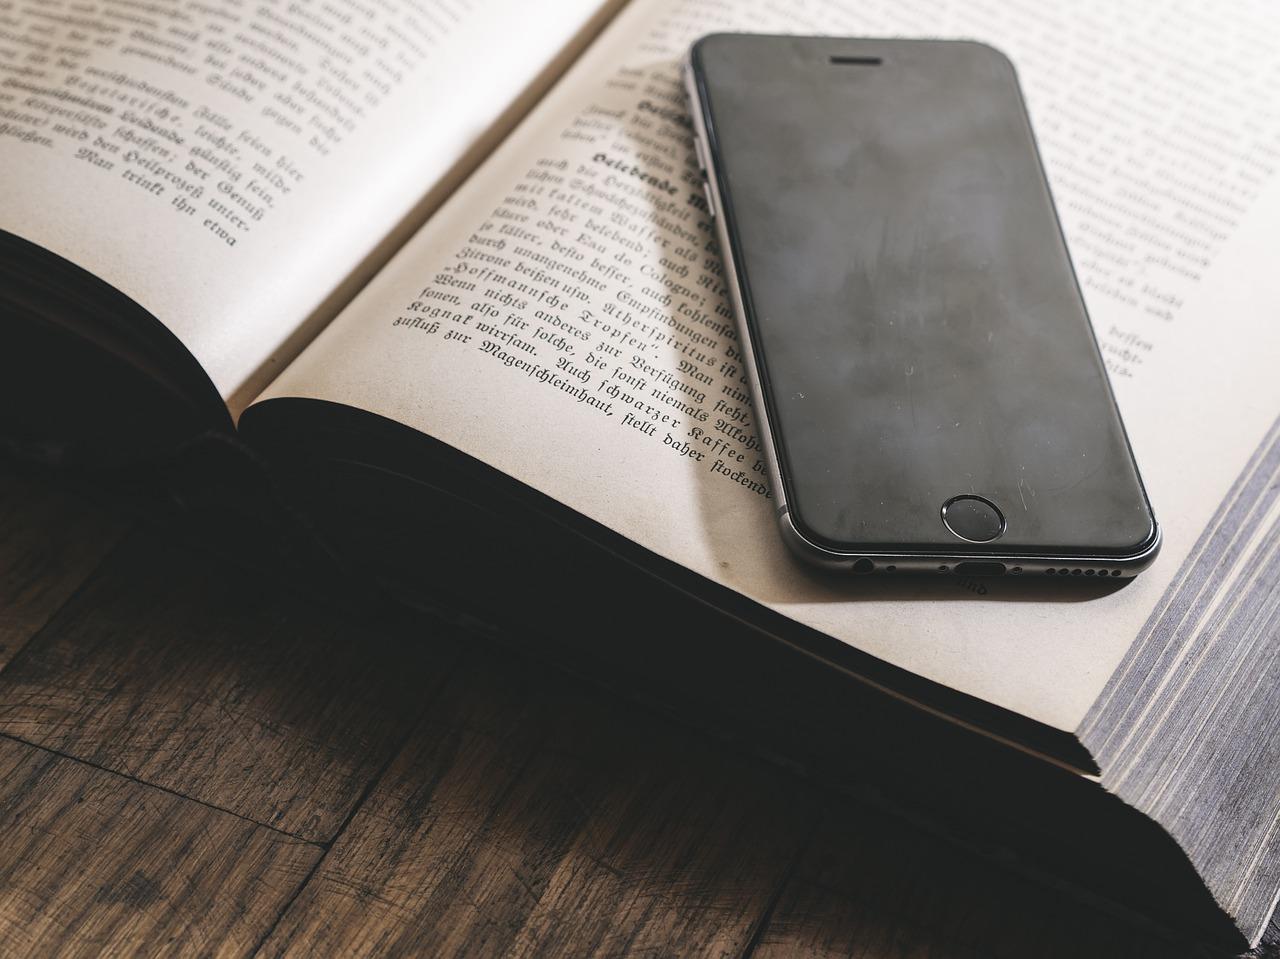 E-učbenik je dostopen tudi na mobilnih napravah.